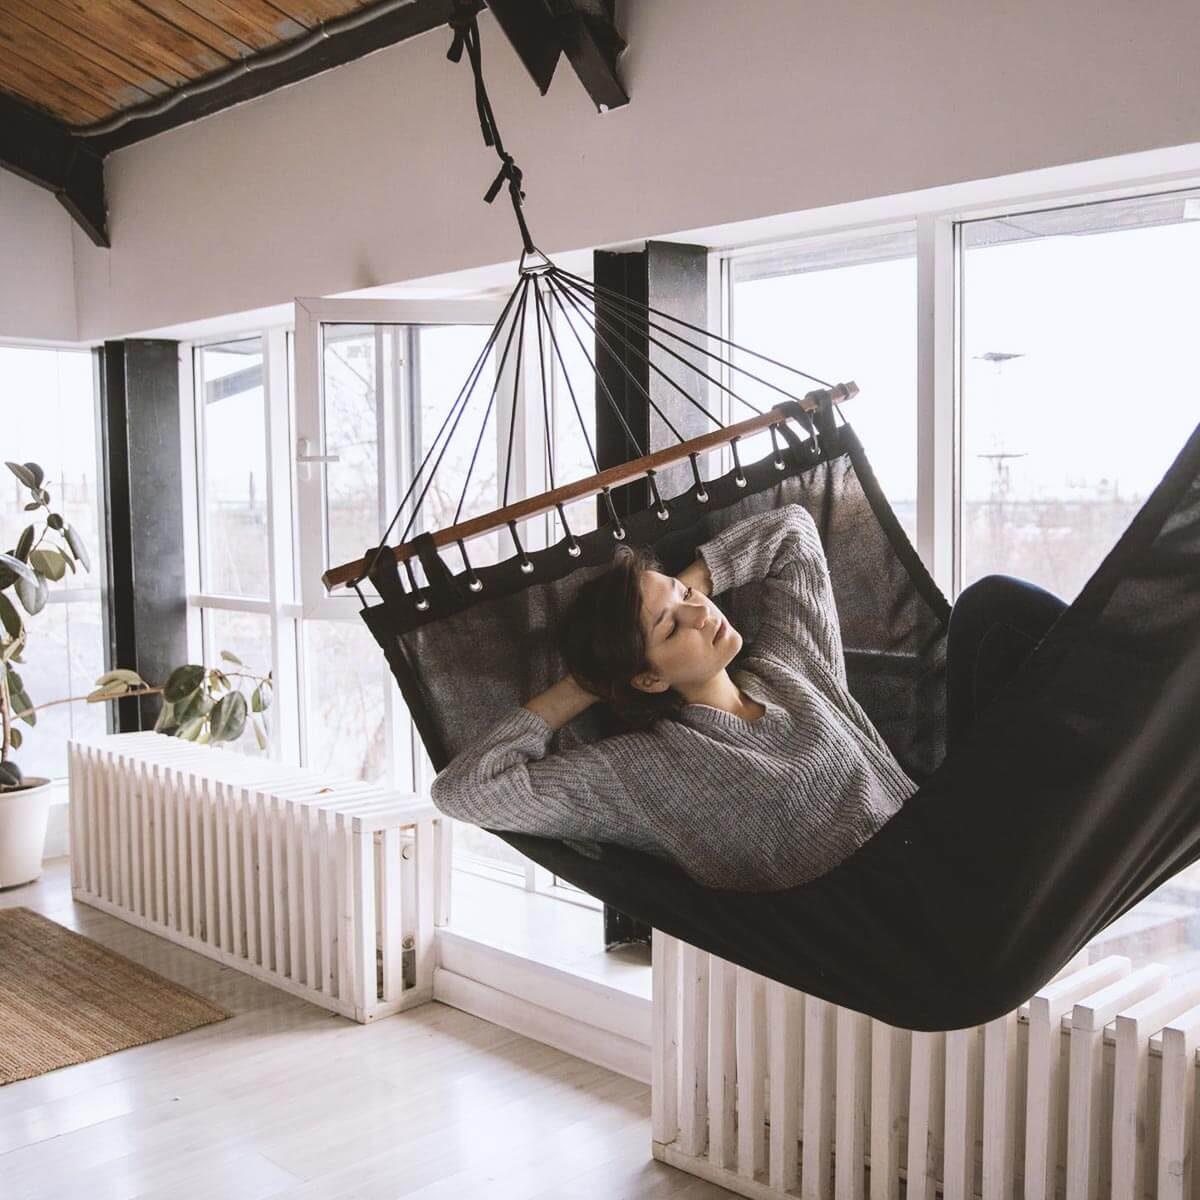 Fűtés, hűtés. Állítsd be tetszőlegesen a hőmérsékletet az épület bármely részében a család napi rutinjához igazítva.